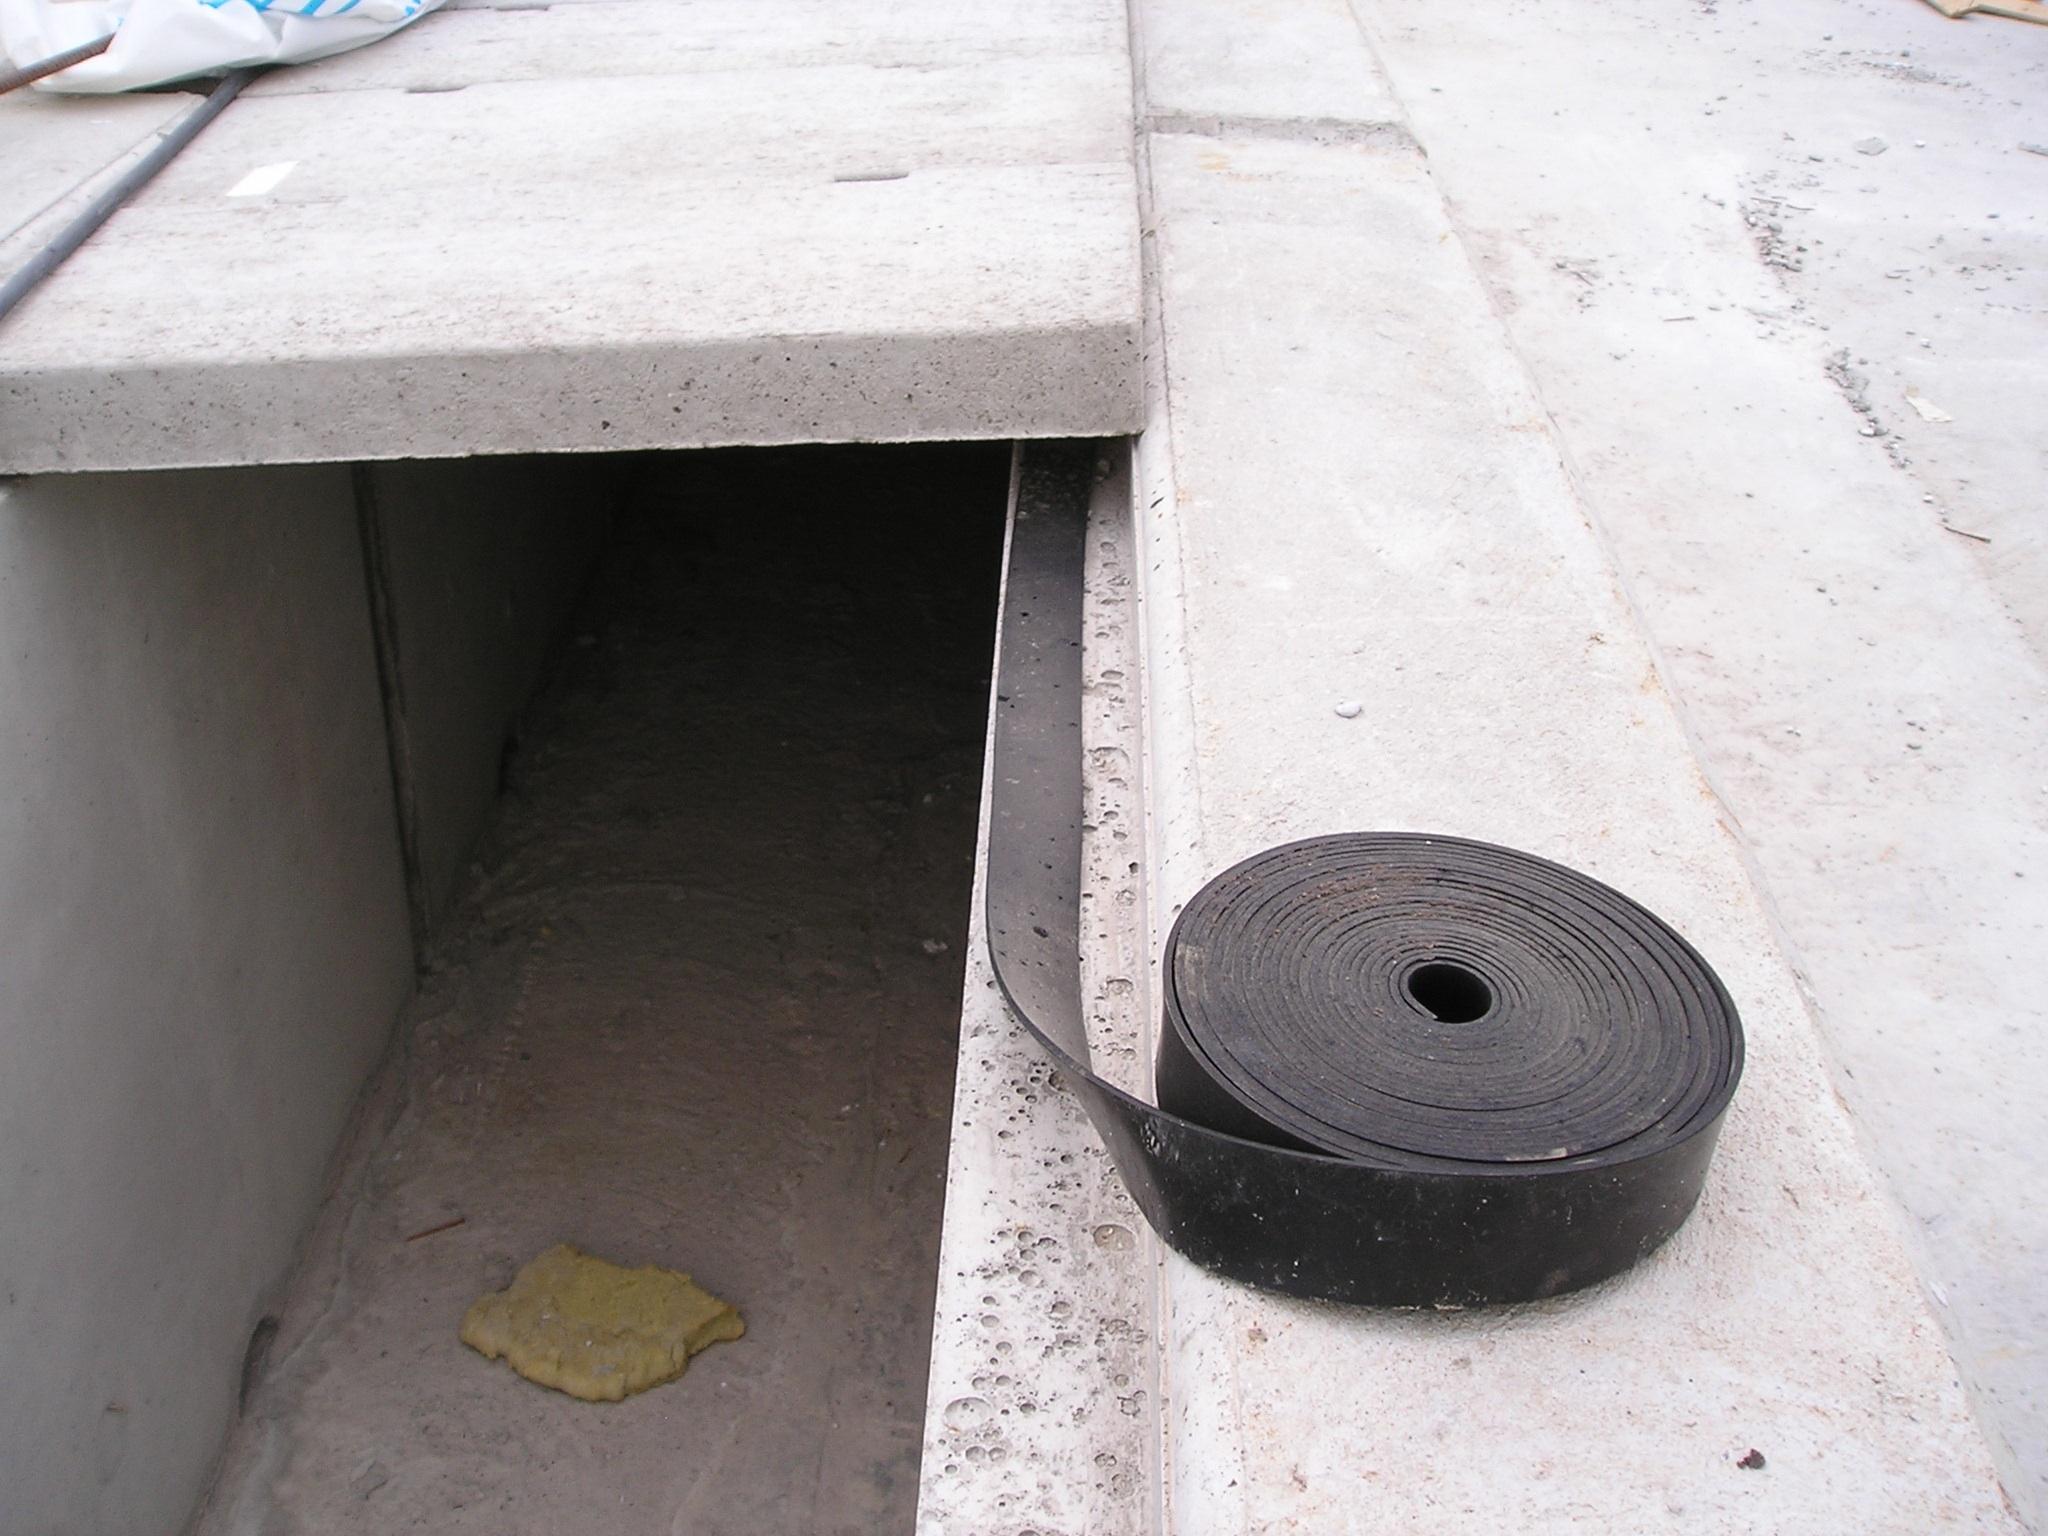 Schrumpf Vlark Viaduct oplegrubber